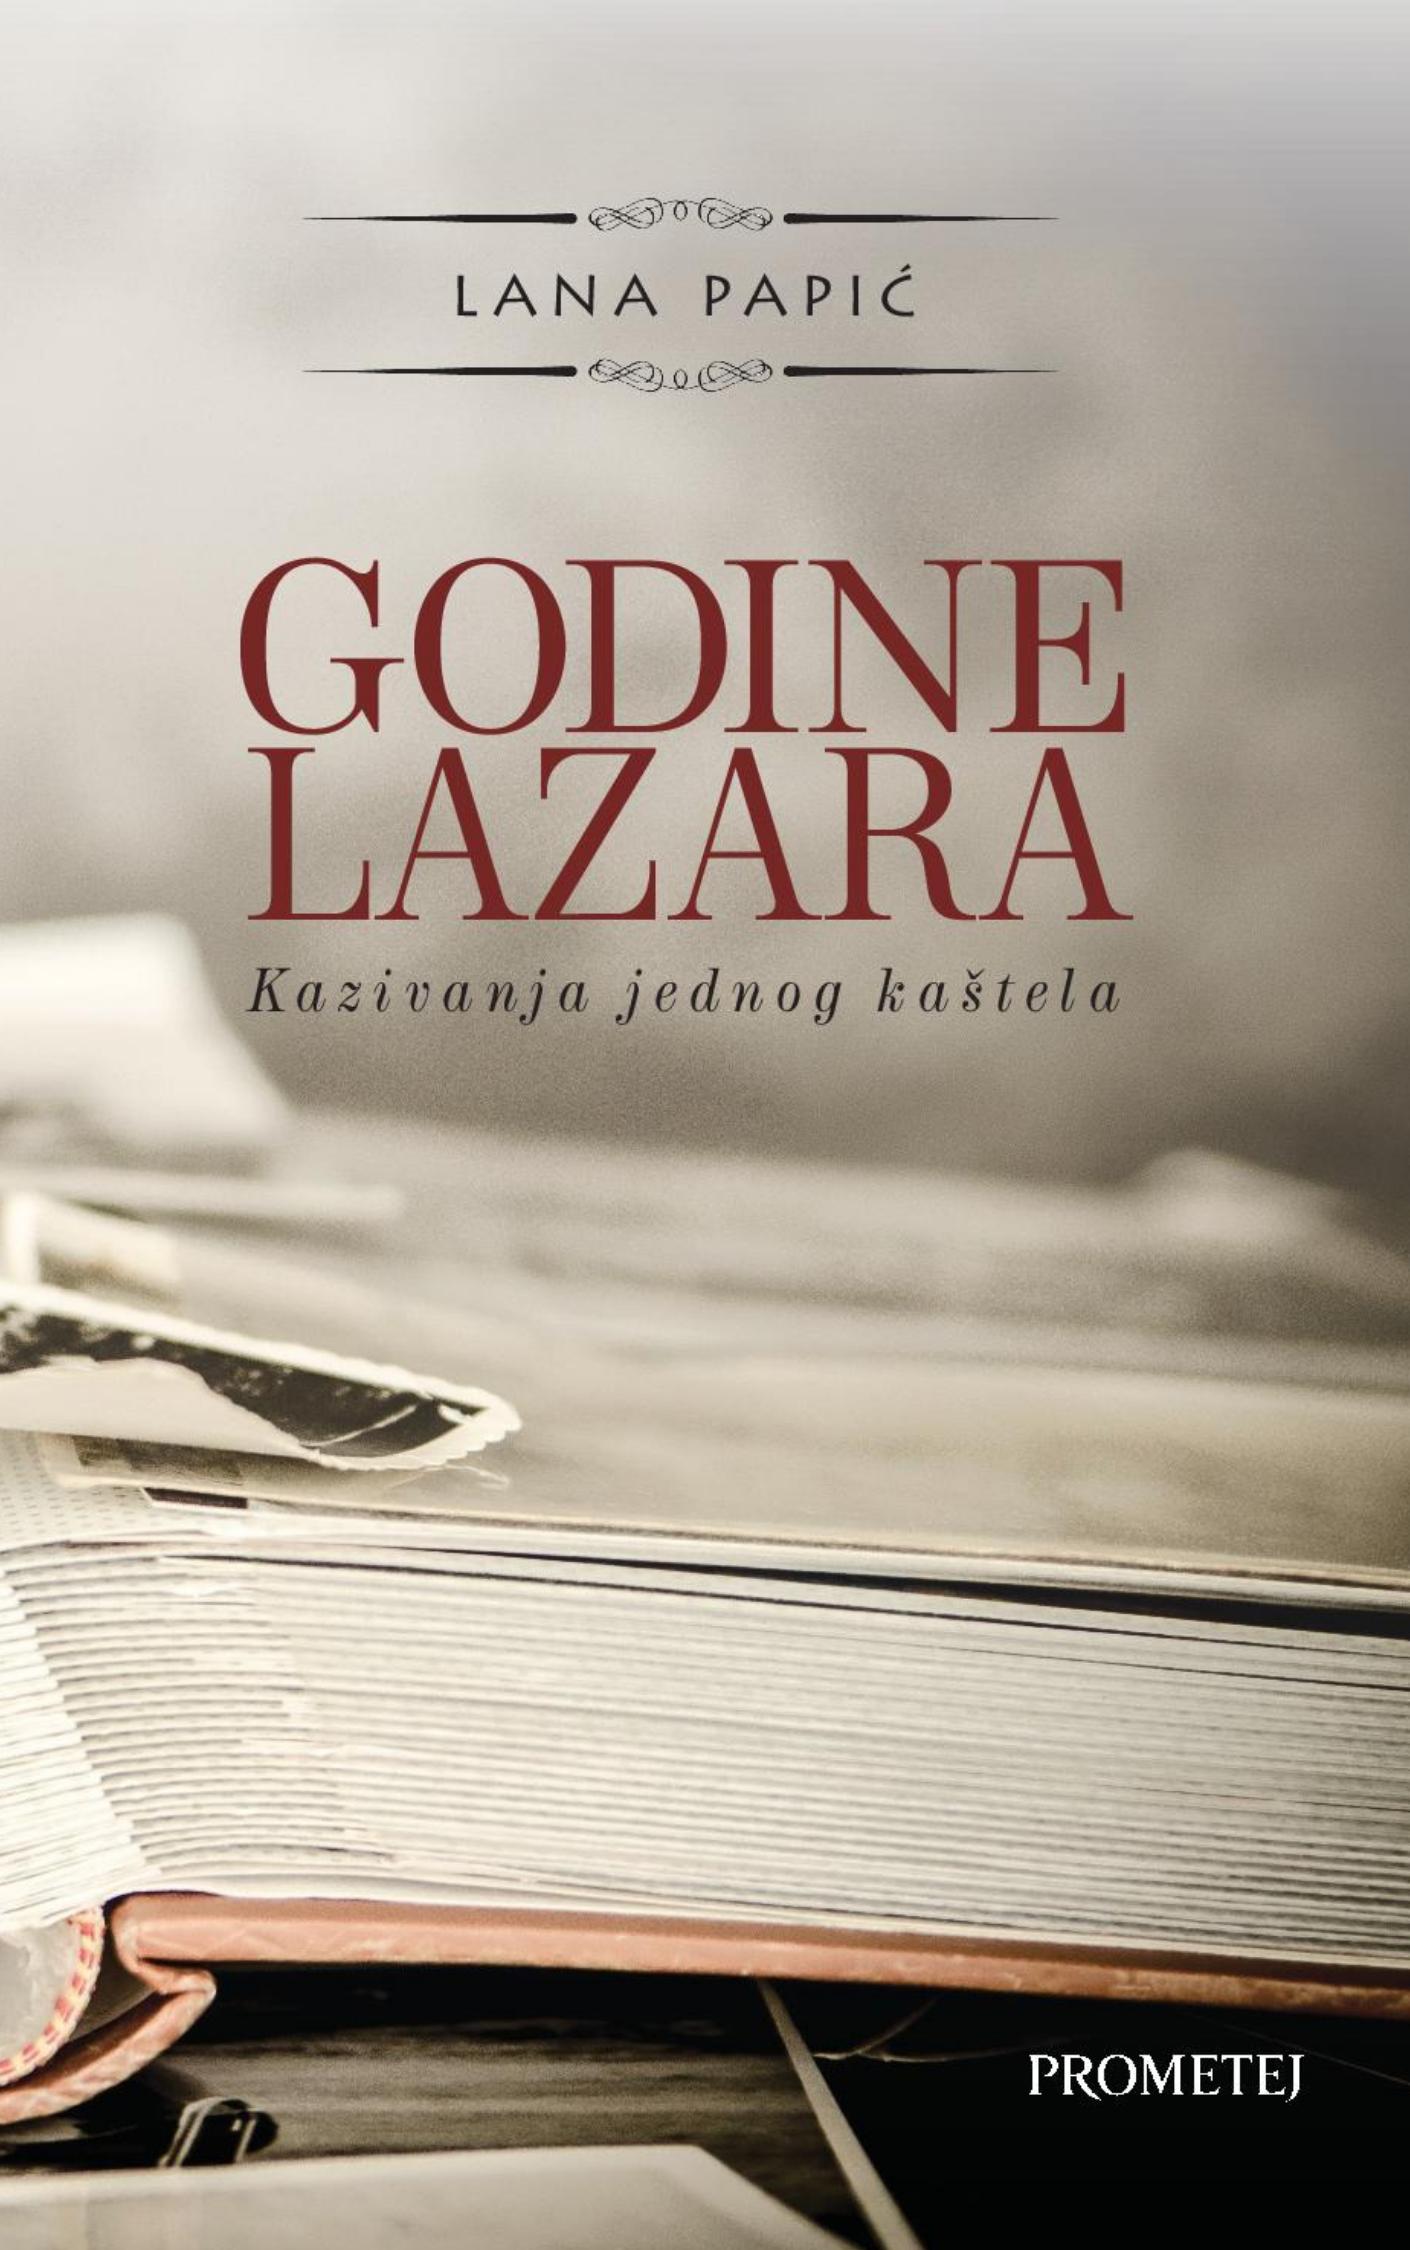 Године Лазара – казивање једног каштела